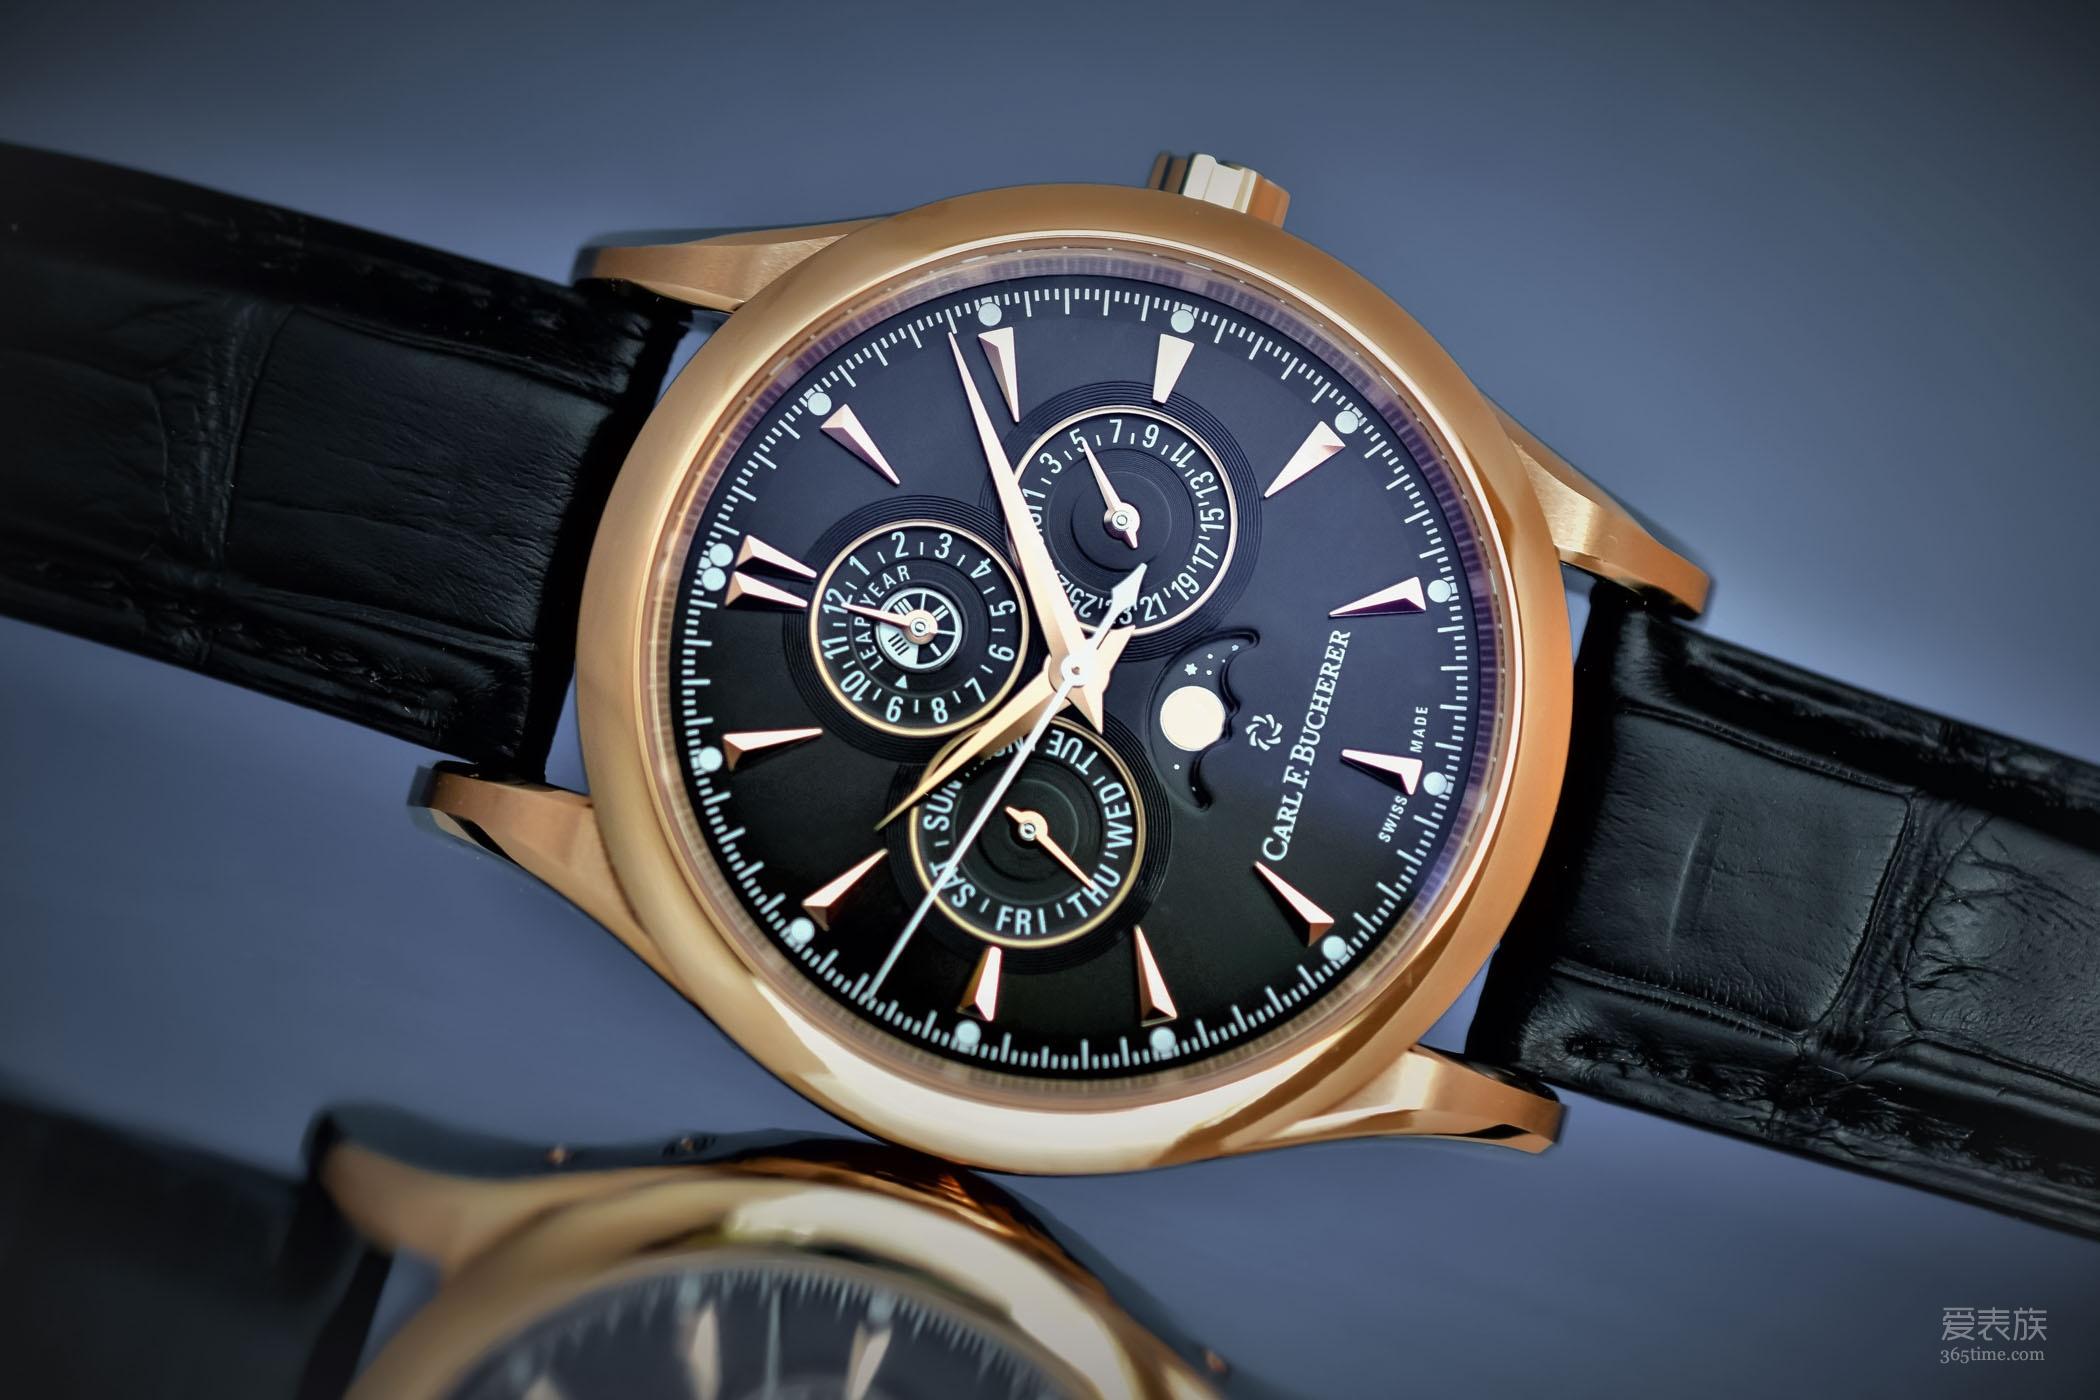 我的万年历时尚时尚最时尚——全新宝齐莱马利龙系列万年历限量版腕表